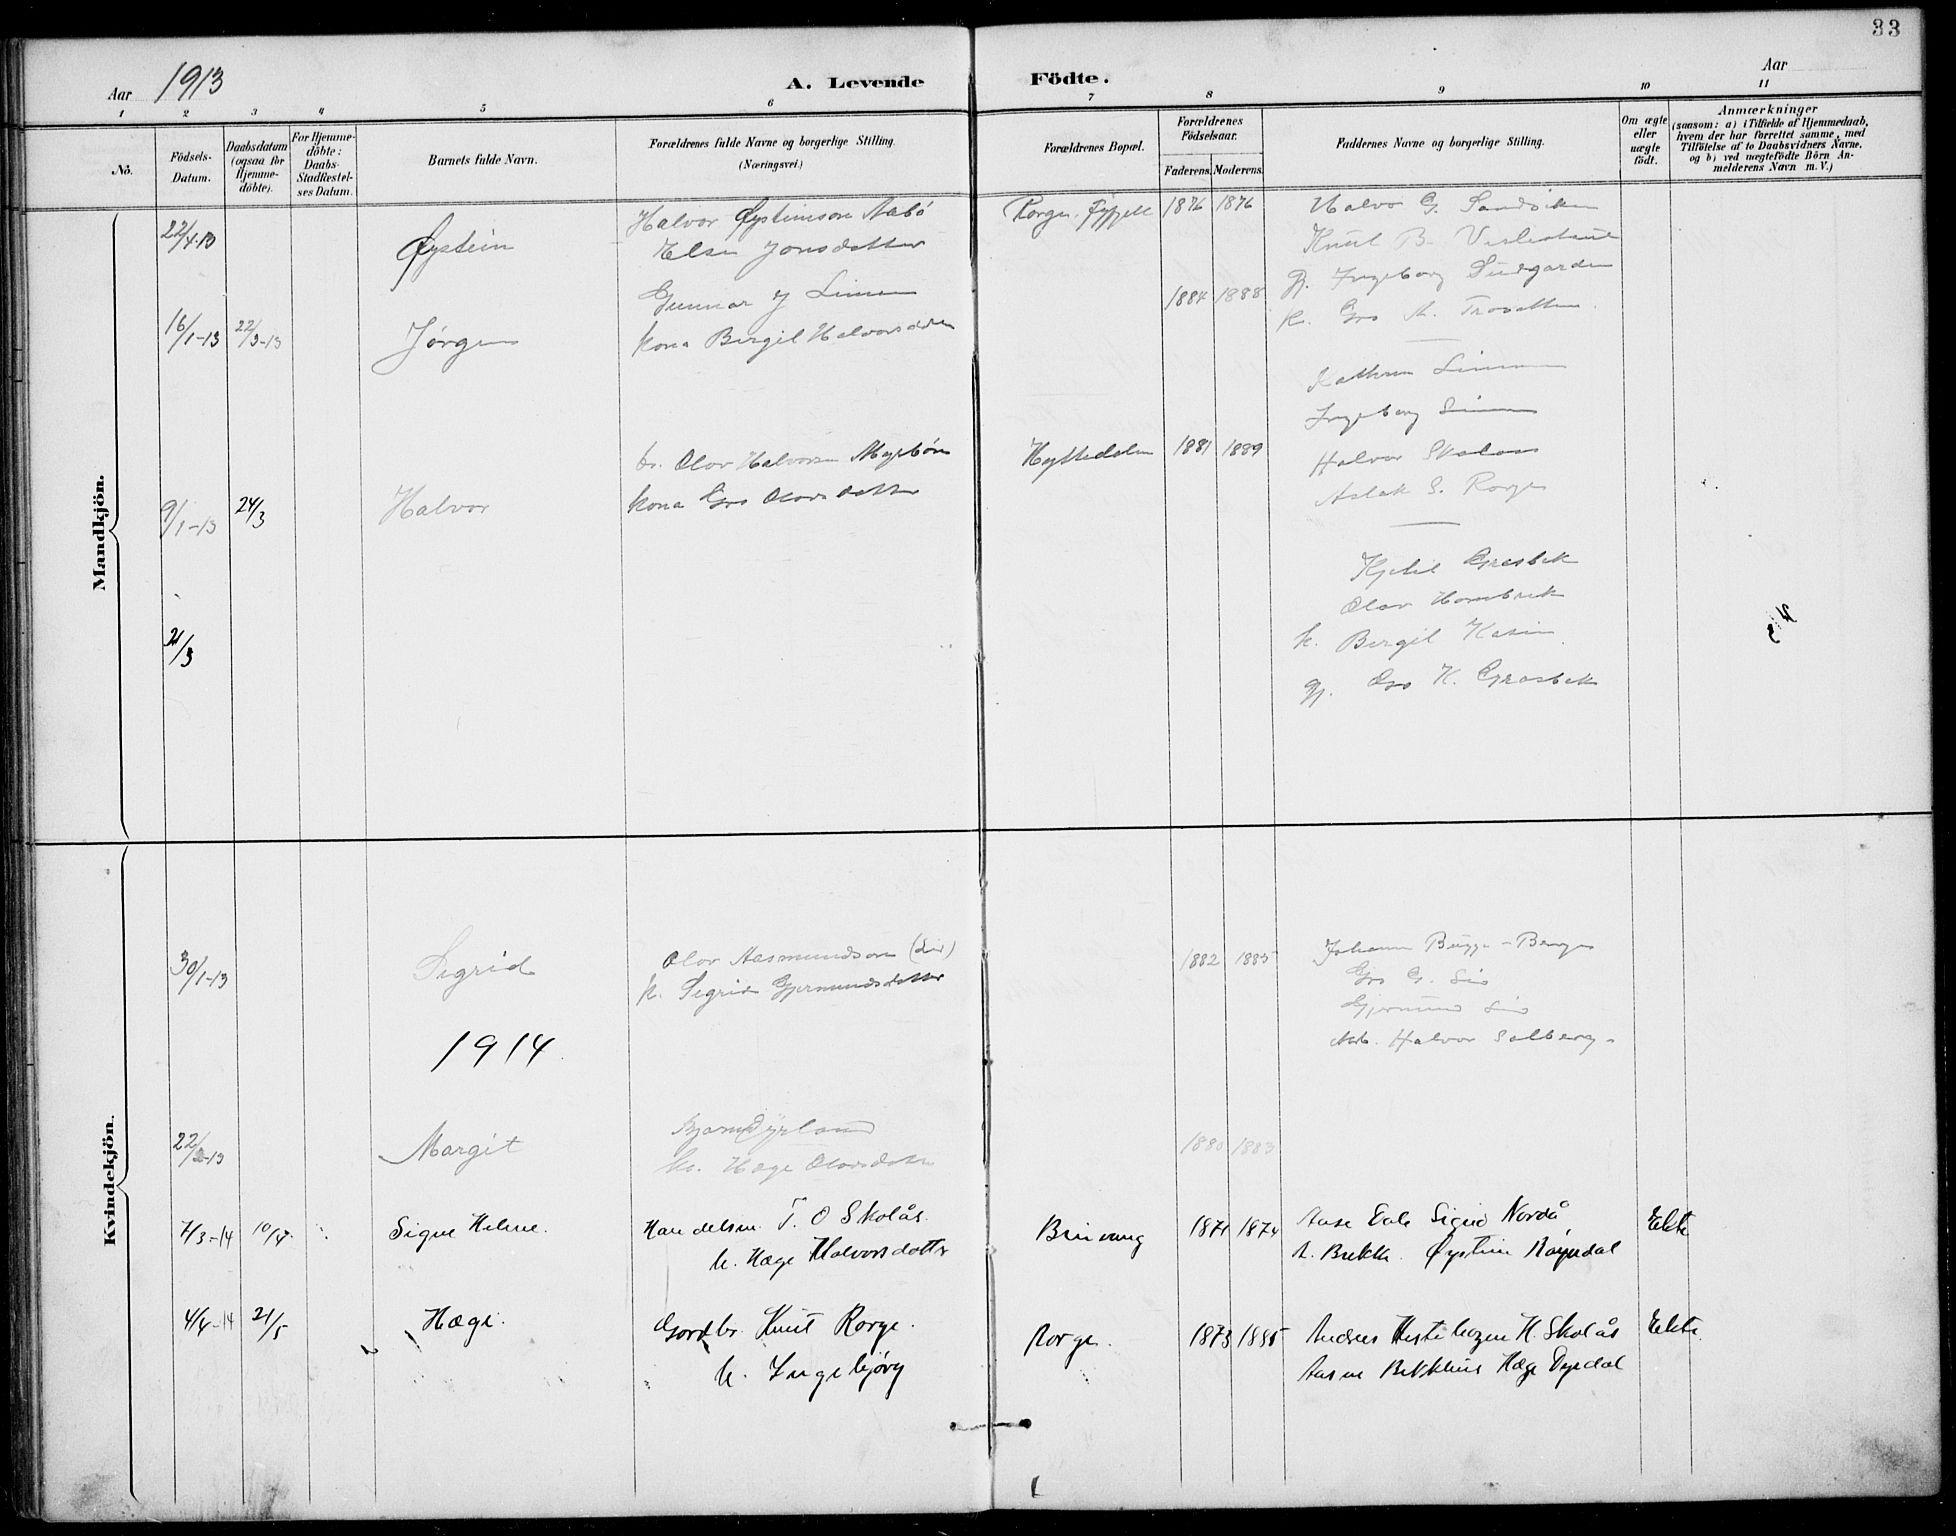 SAKO, Rauland kirkebøker, G/Gb/L0002: Klokkerbok nr. II 2, 1887-1937, s. 33